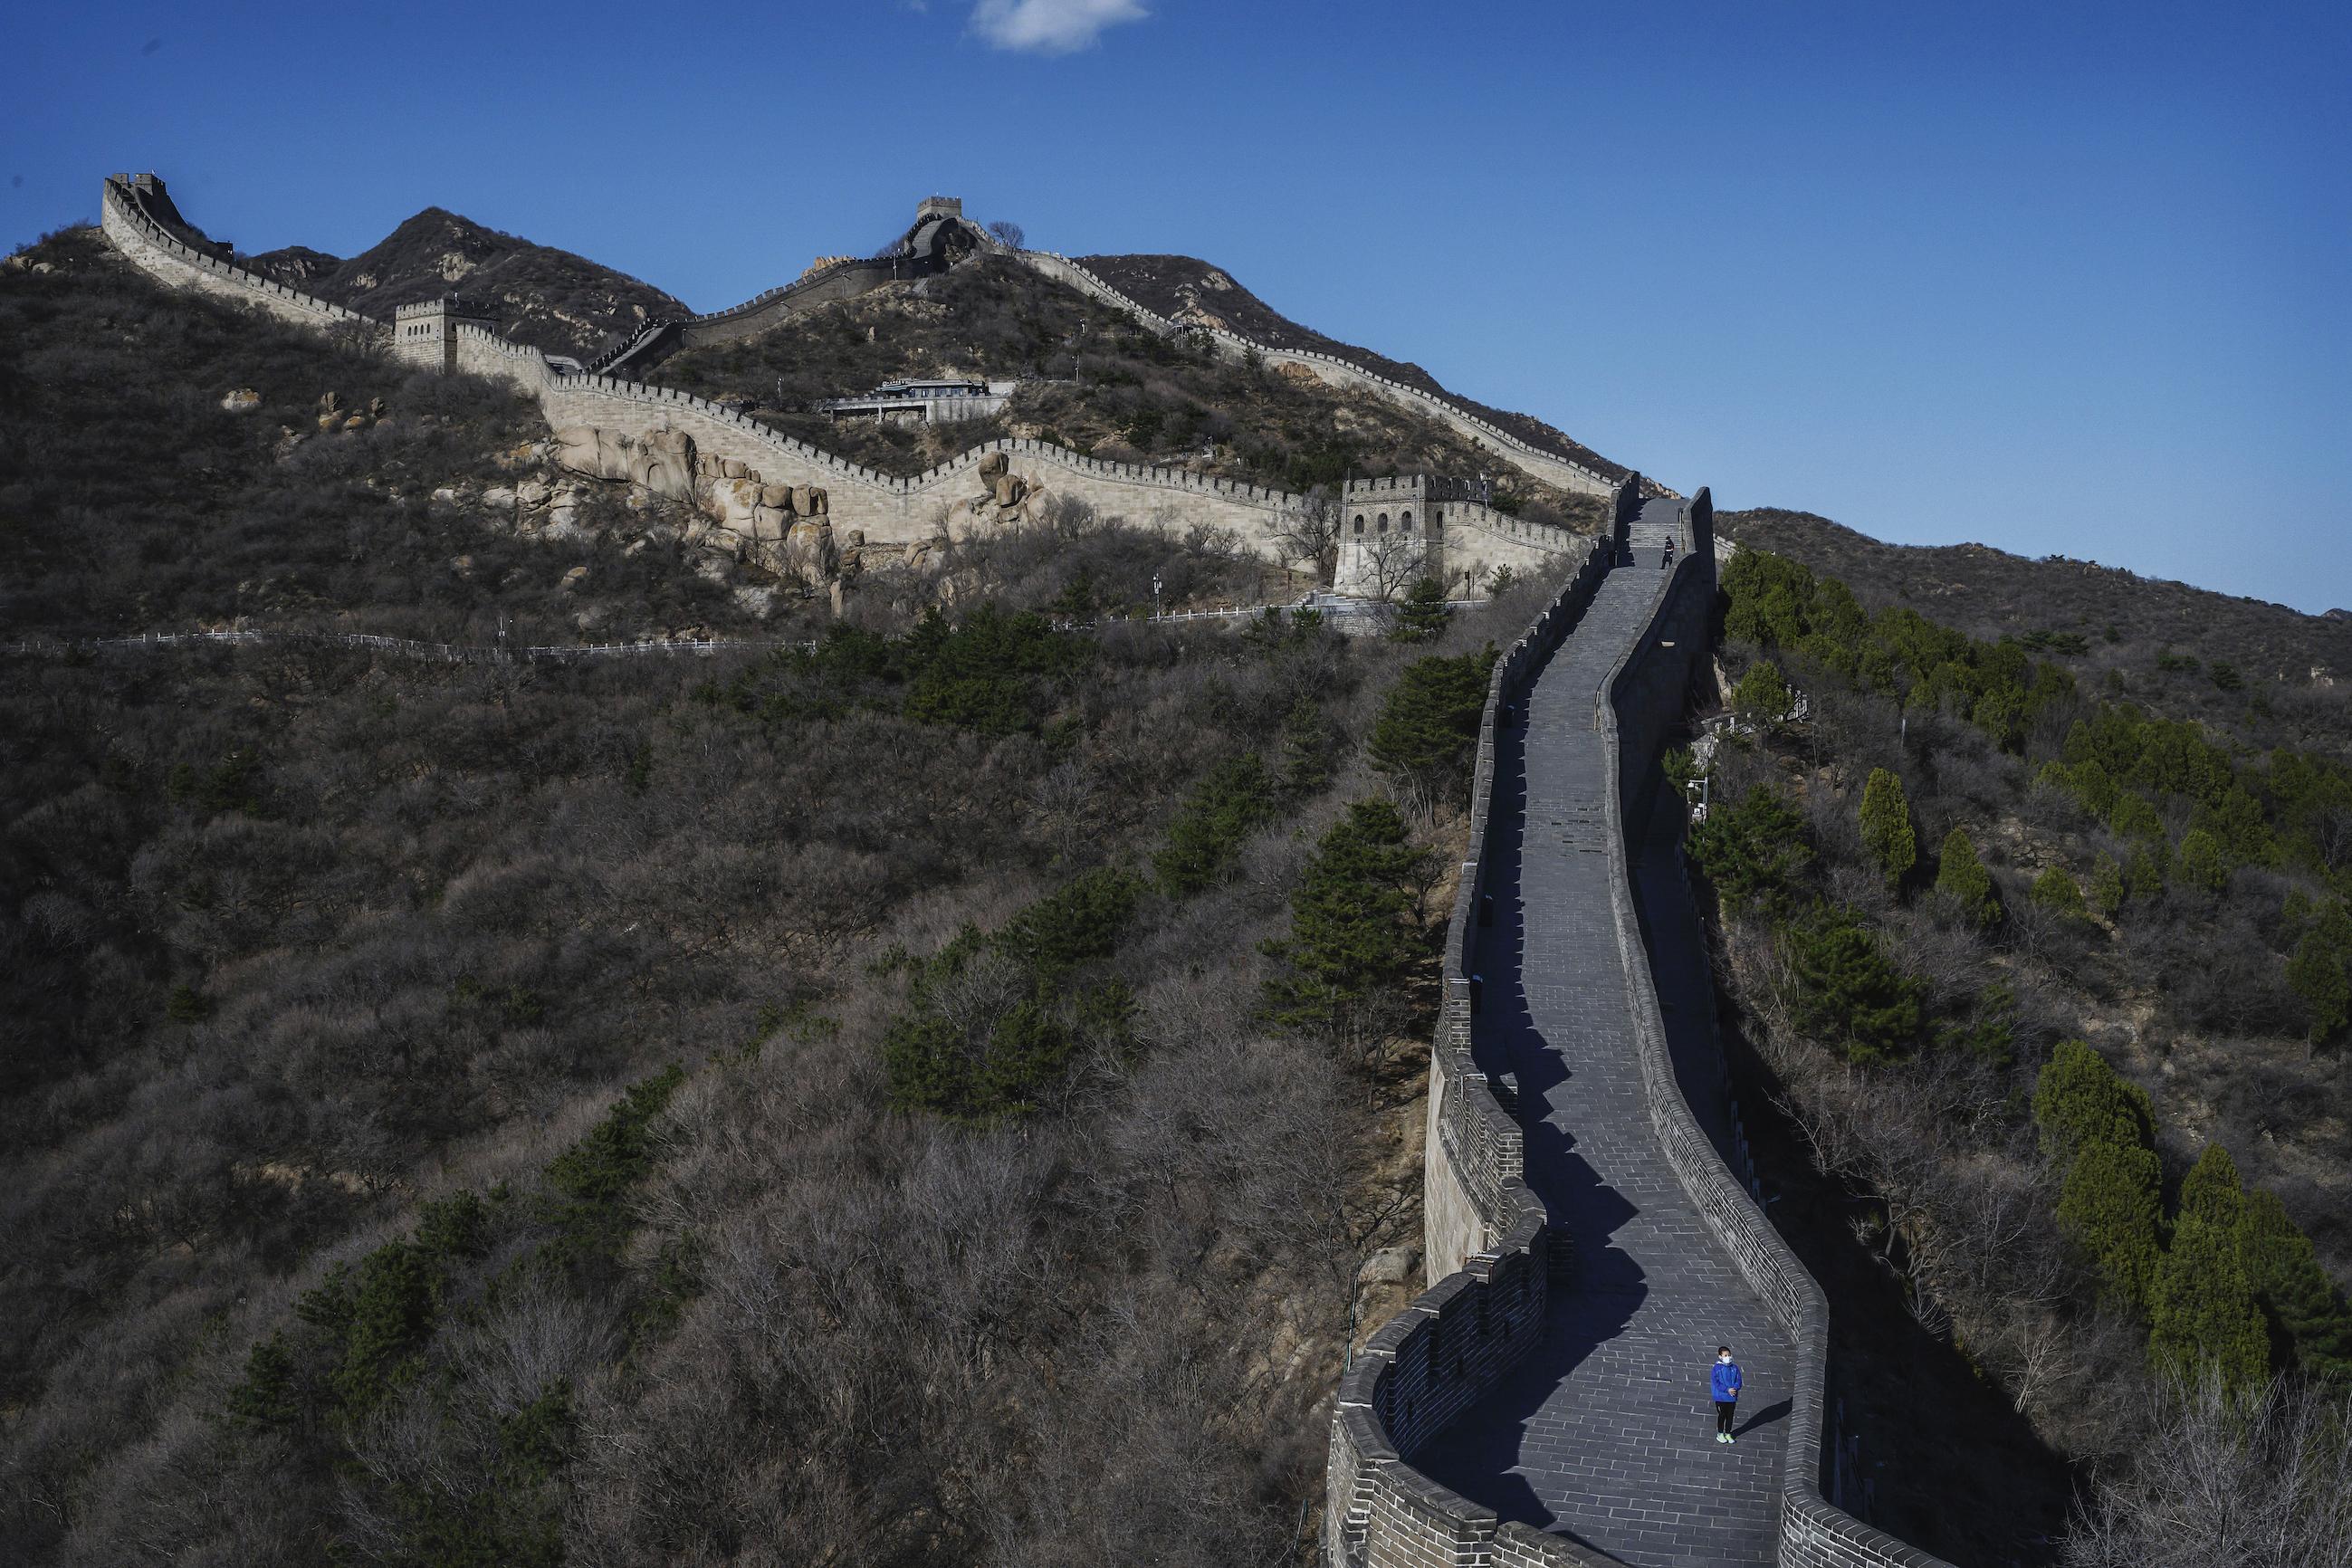 Een foto van de Chinese Muur